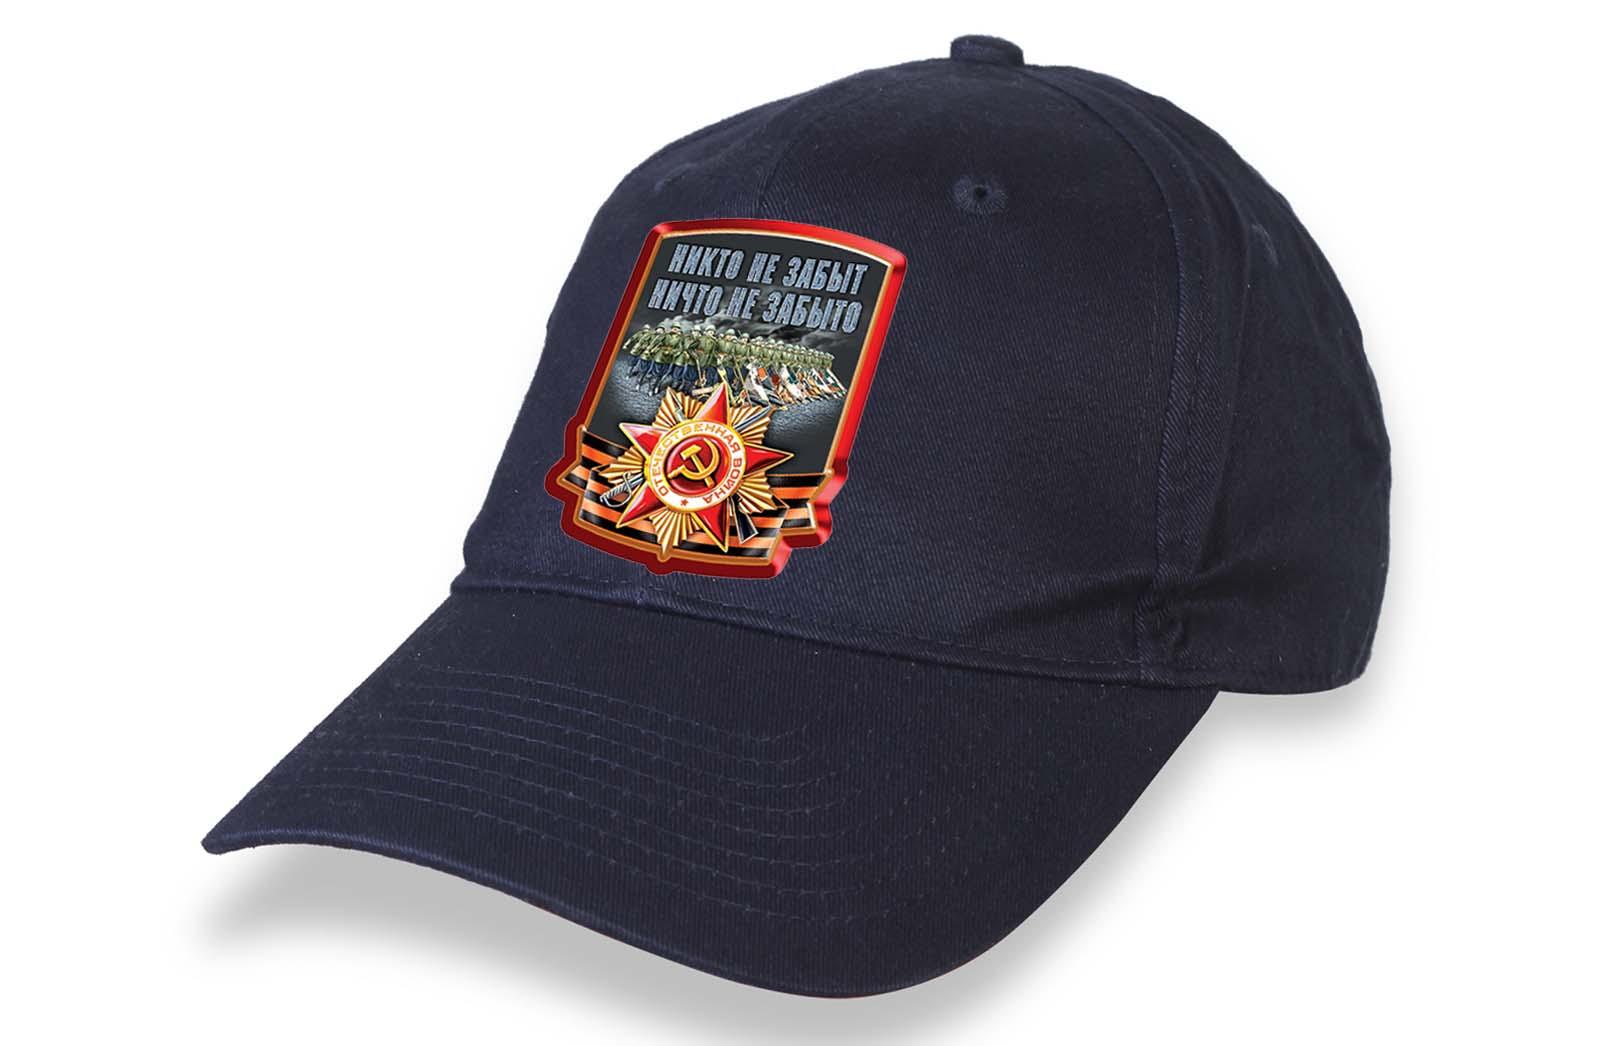 Темно-синяя кепка «Никто не забыт, ничто не забыто» на День Победы